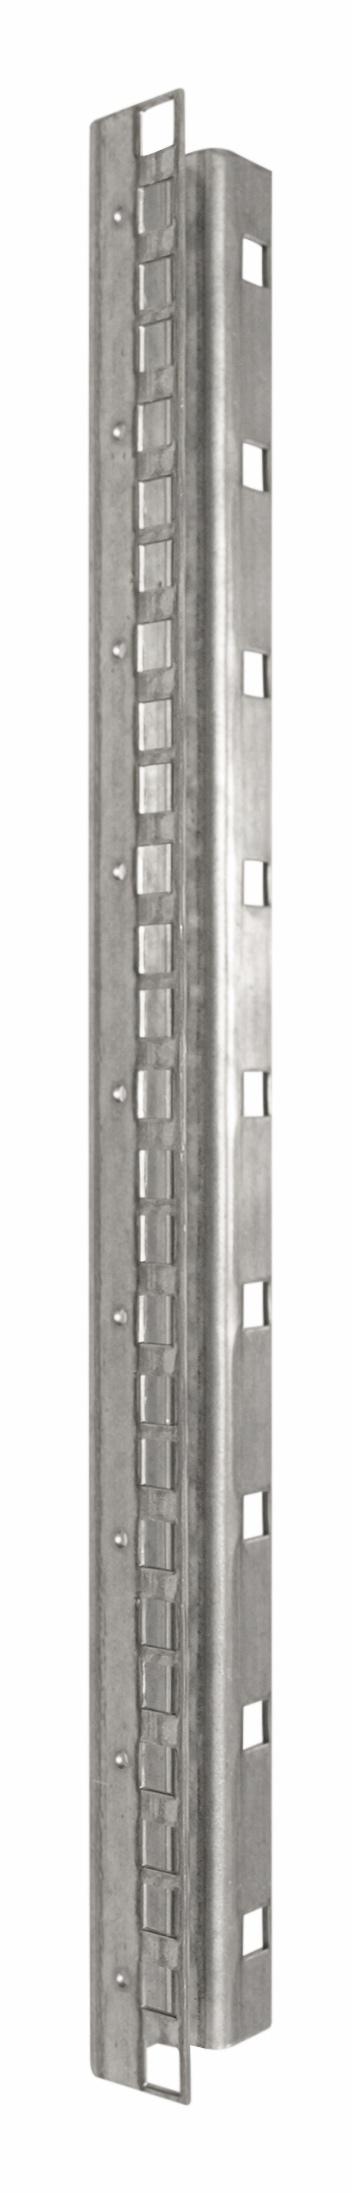 1 Stk 19 Profilschiene 27HE für DS-, DSZ- und DSI-Schränke DSPROF27--